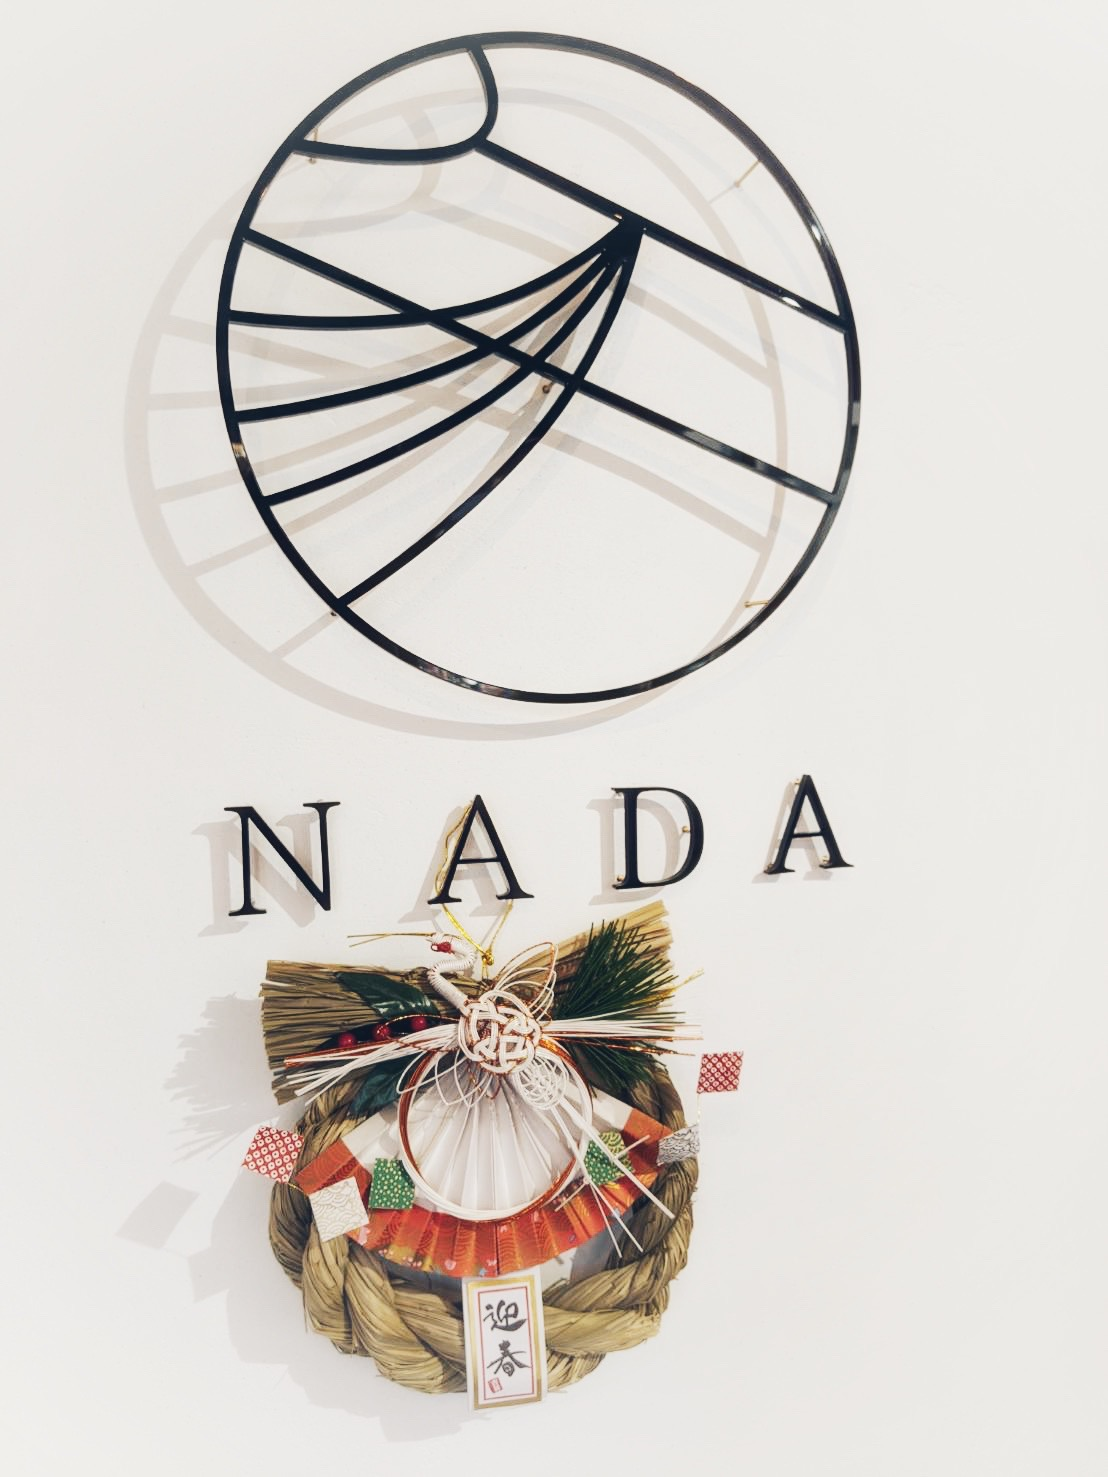 2020年もNADAを宜しくお願い致します。